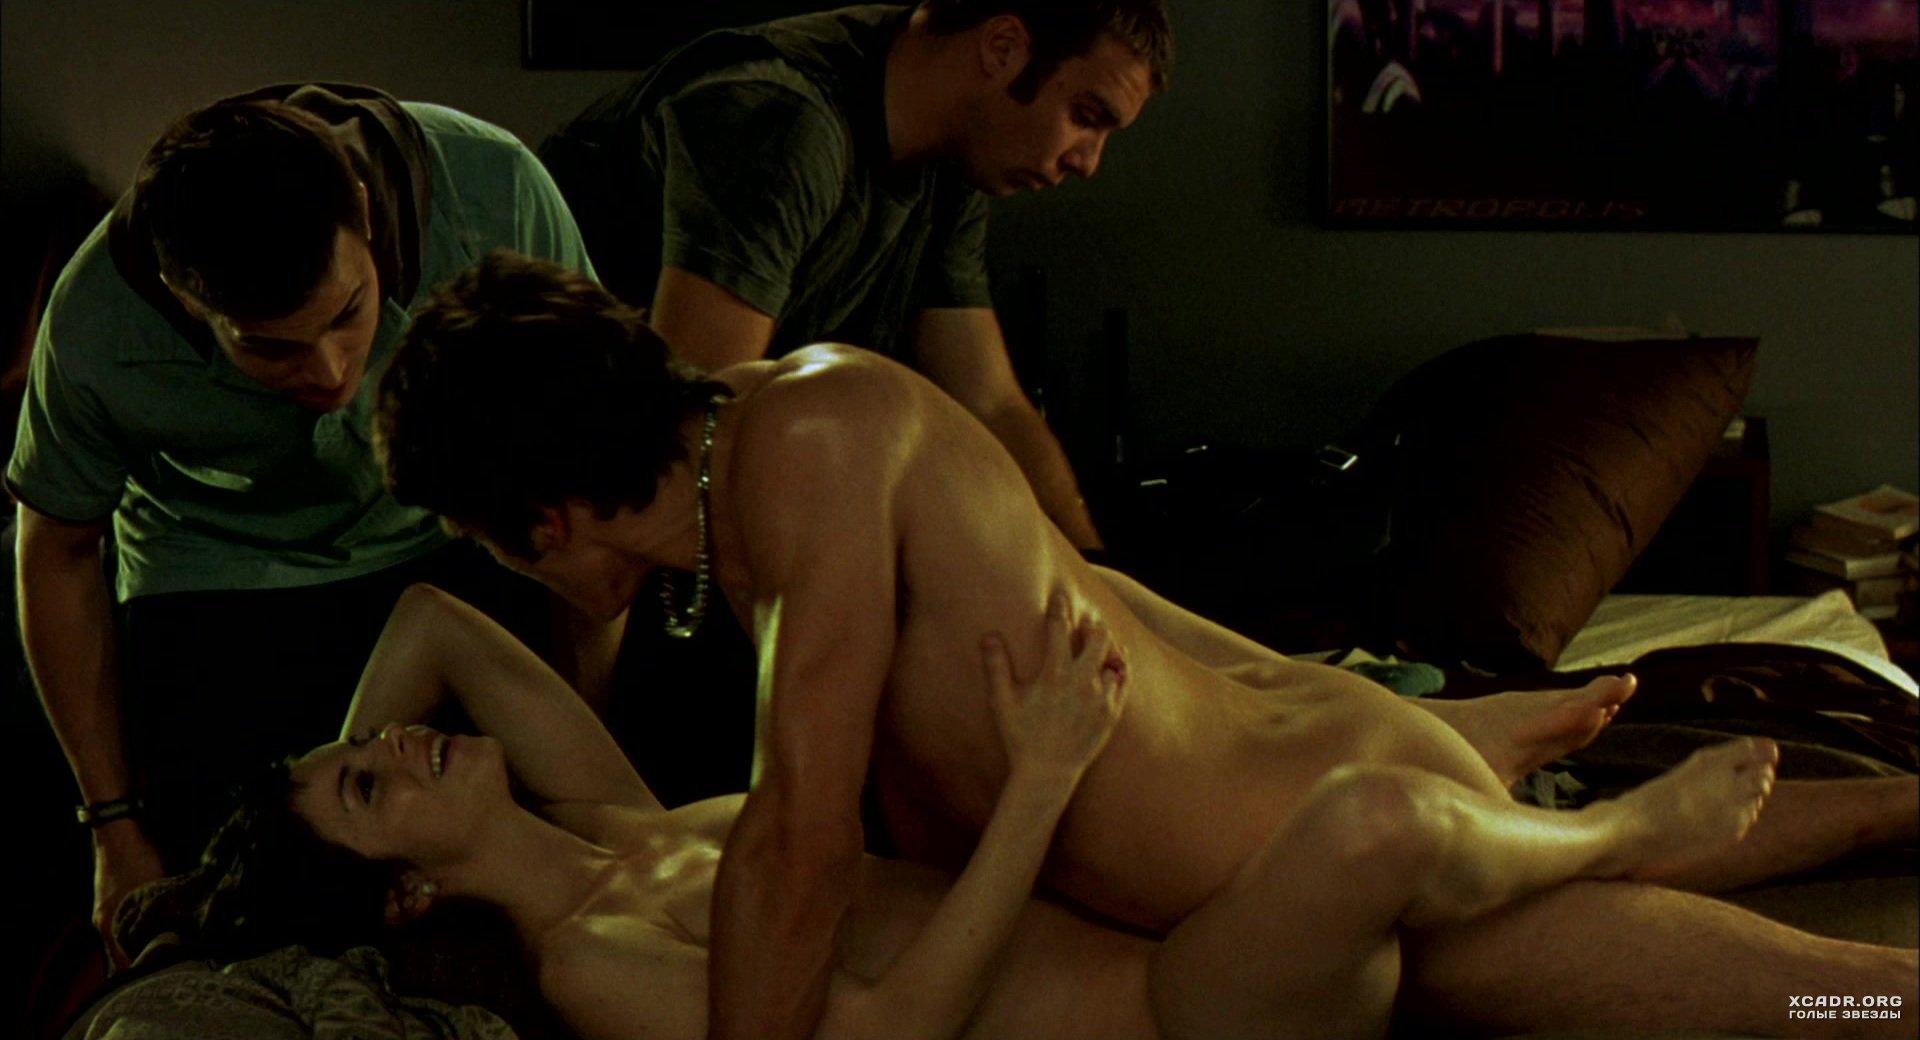 Фильм Про Секс Бесплатно Хороший